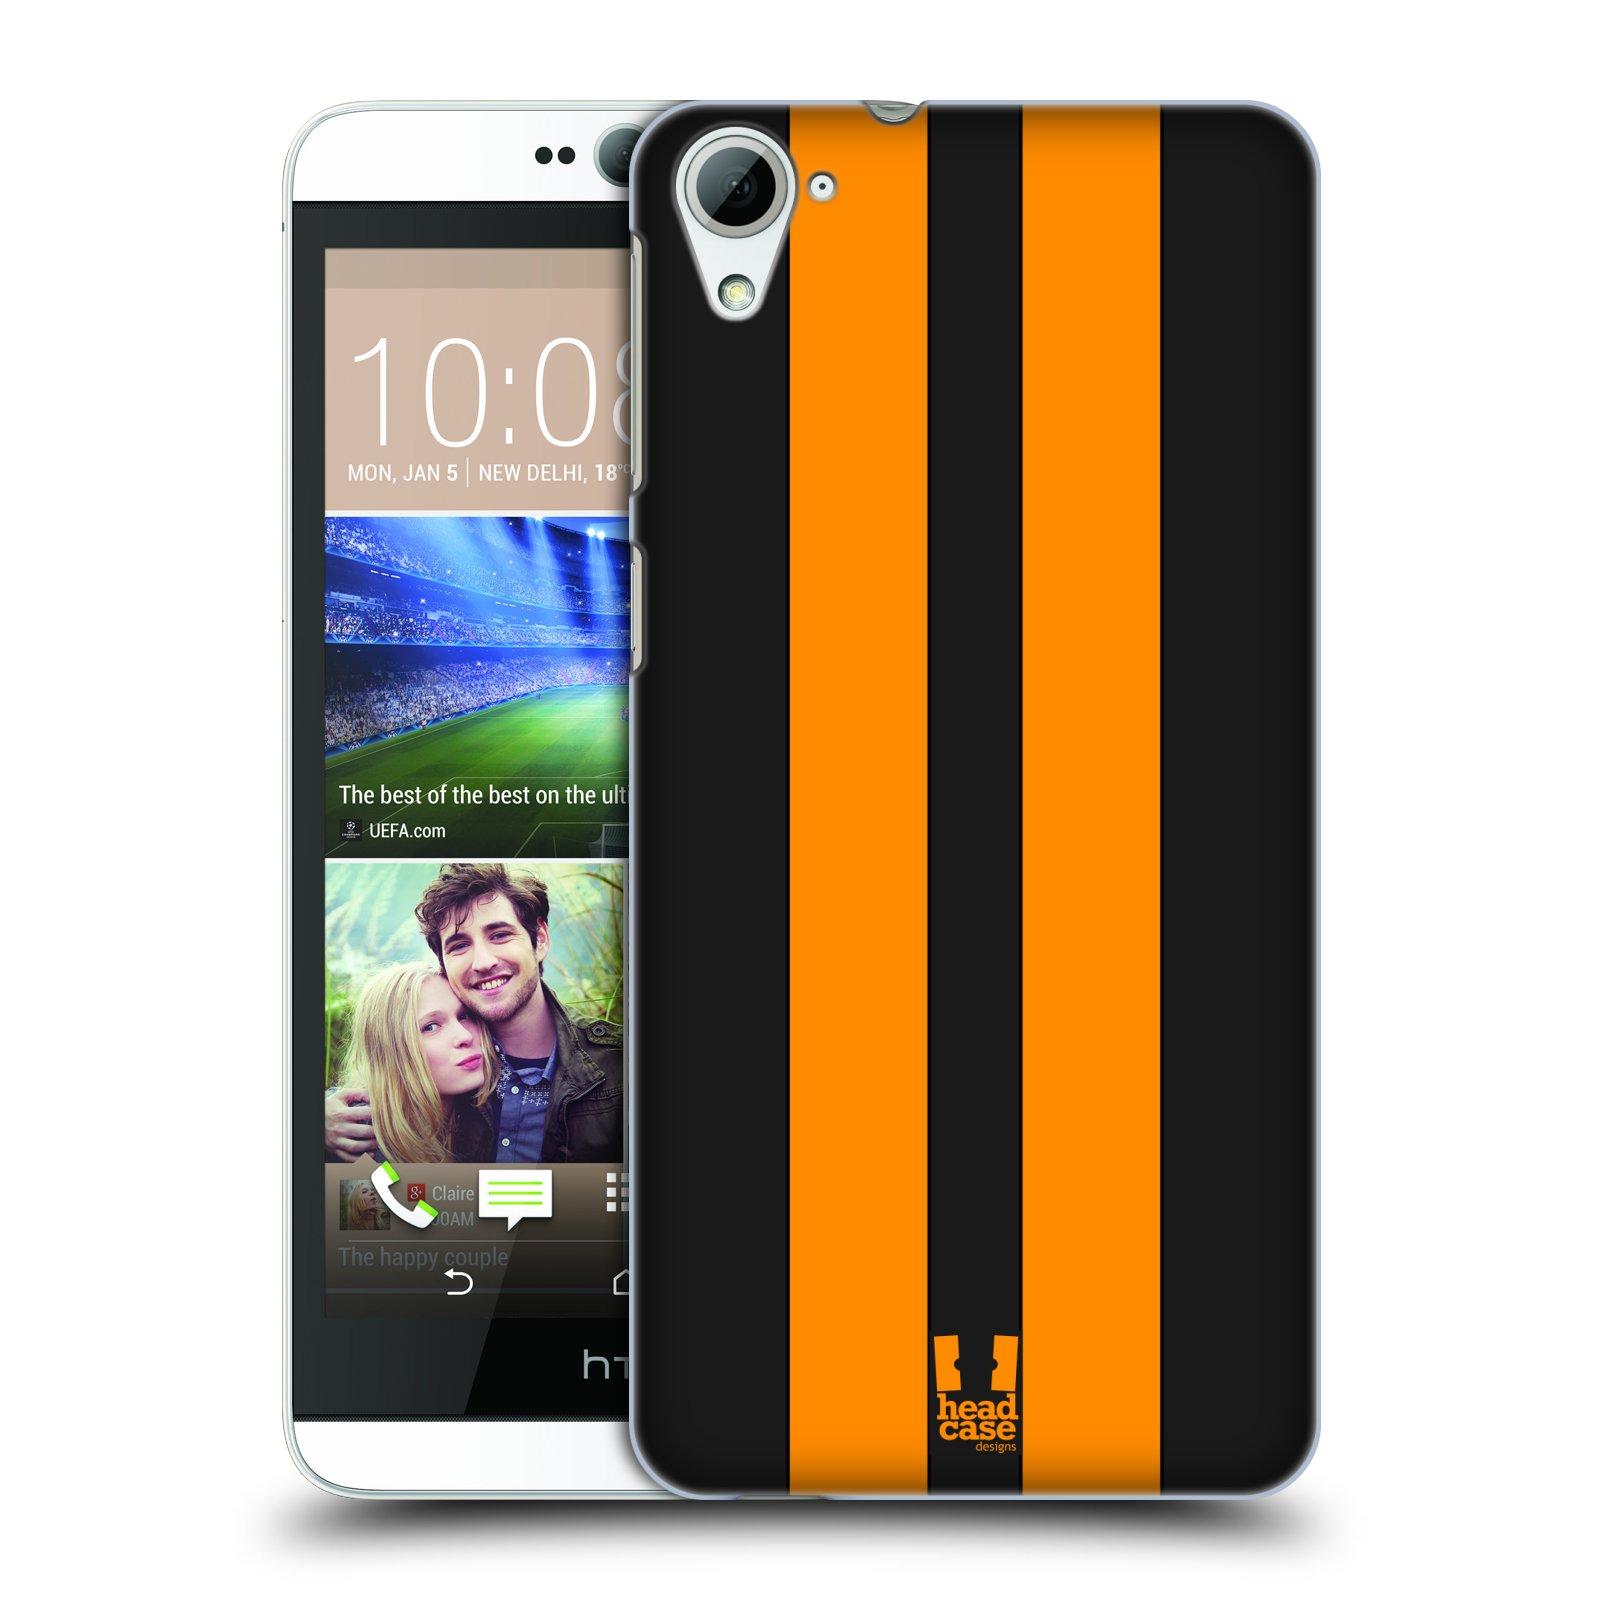 Plastové pouzdro na mobil HTC Desire 826 HEAD CASE ŽLUTÉ A ČERNÉ PRUHY (Kryt či obal na mobilní telefon HTC Desire 826 Dual SIM)